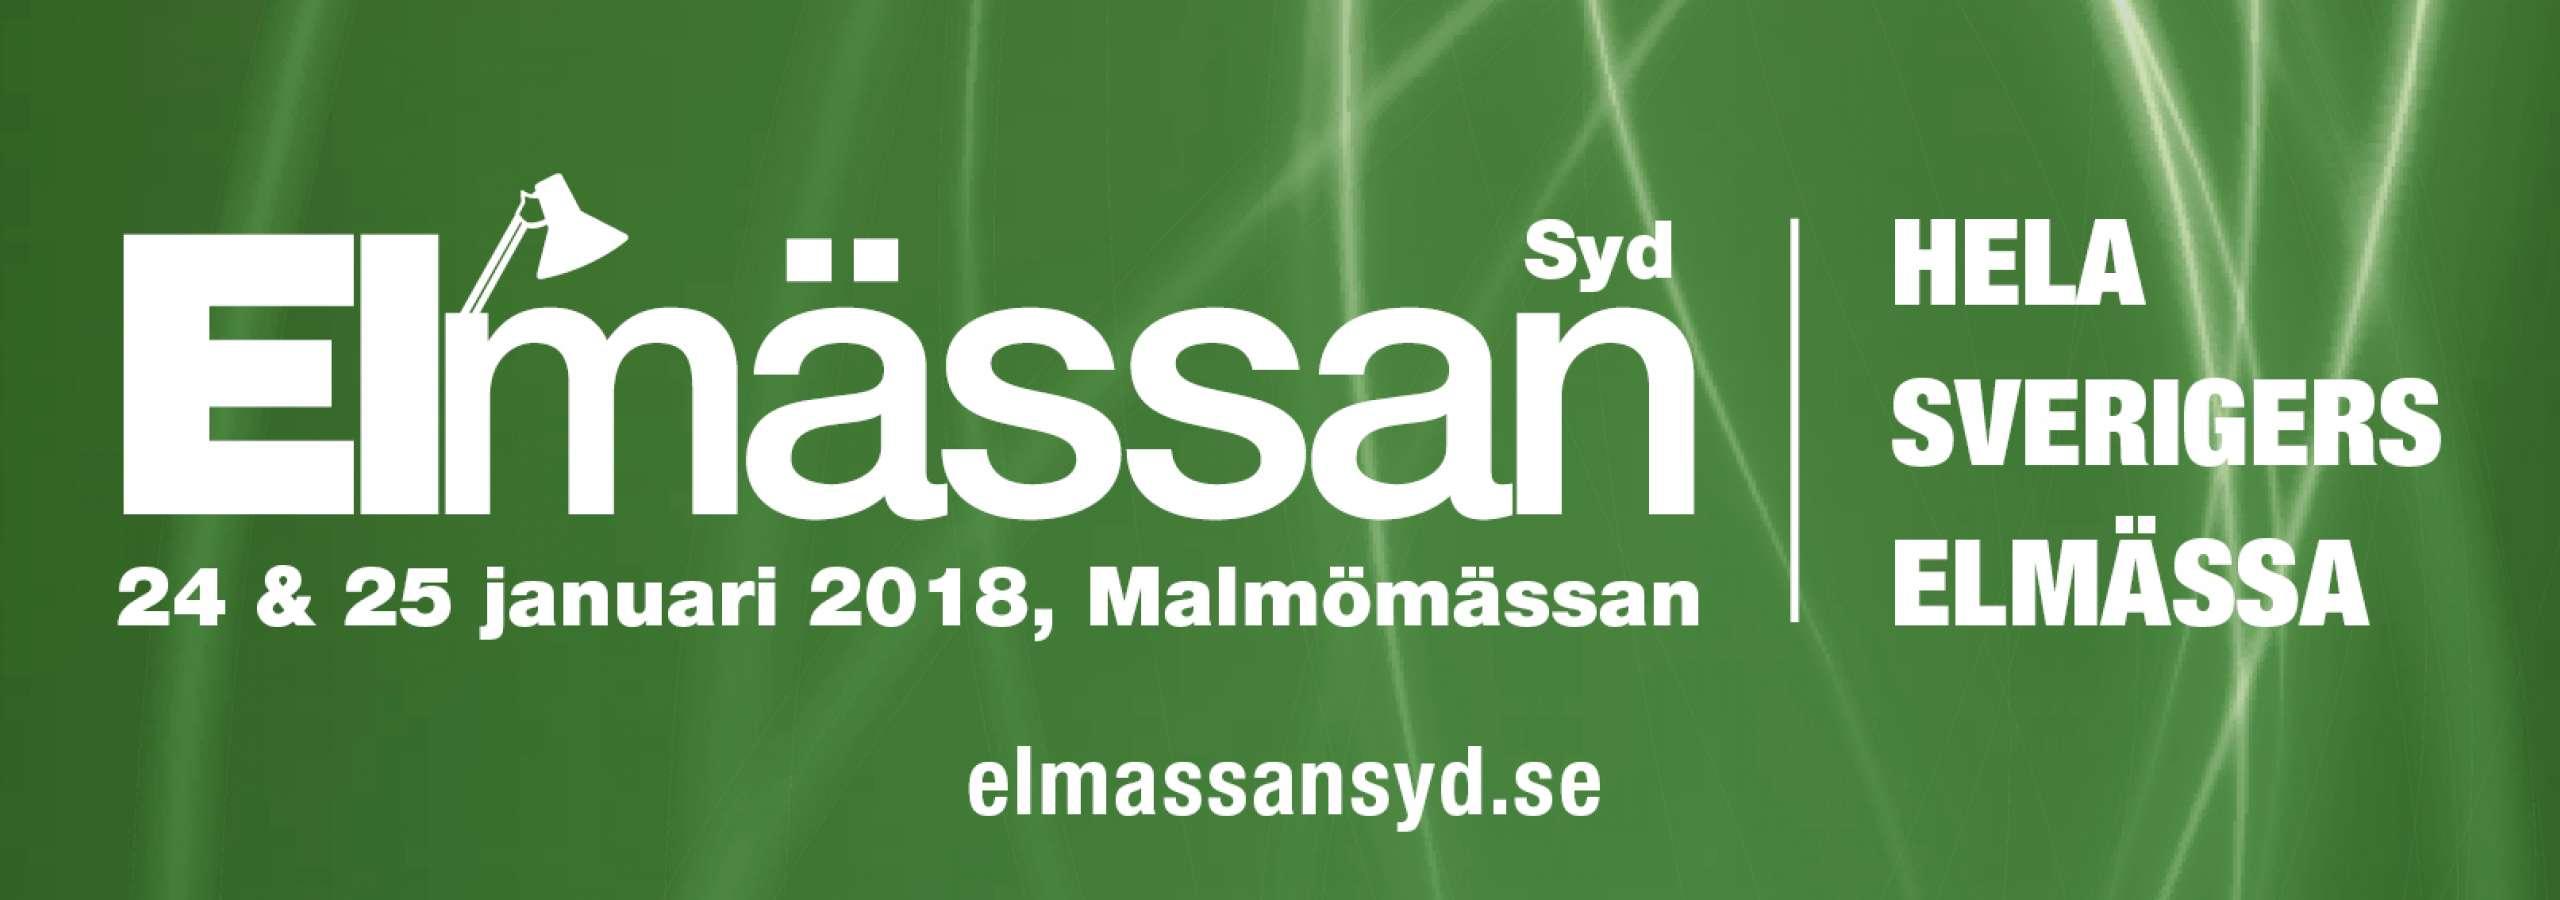 Teknoware i Elmässan Syd 2018